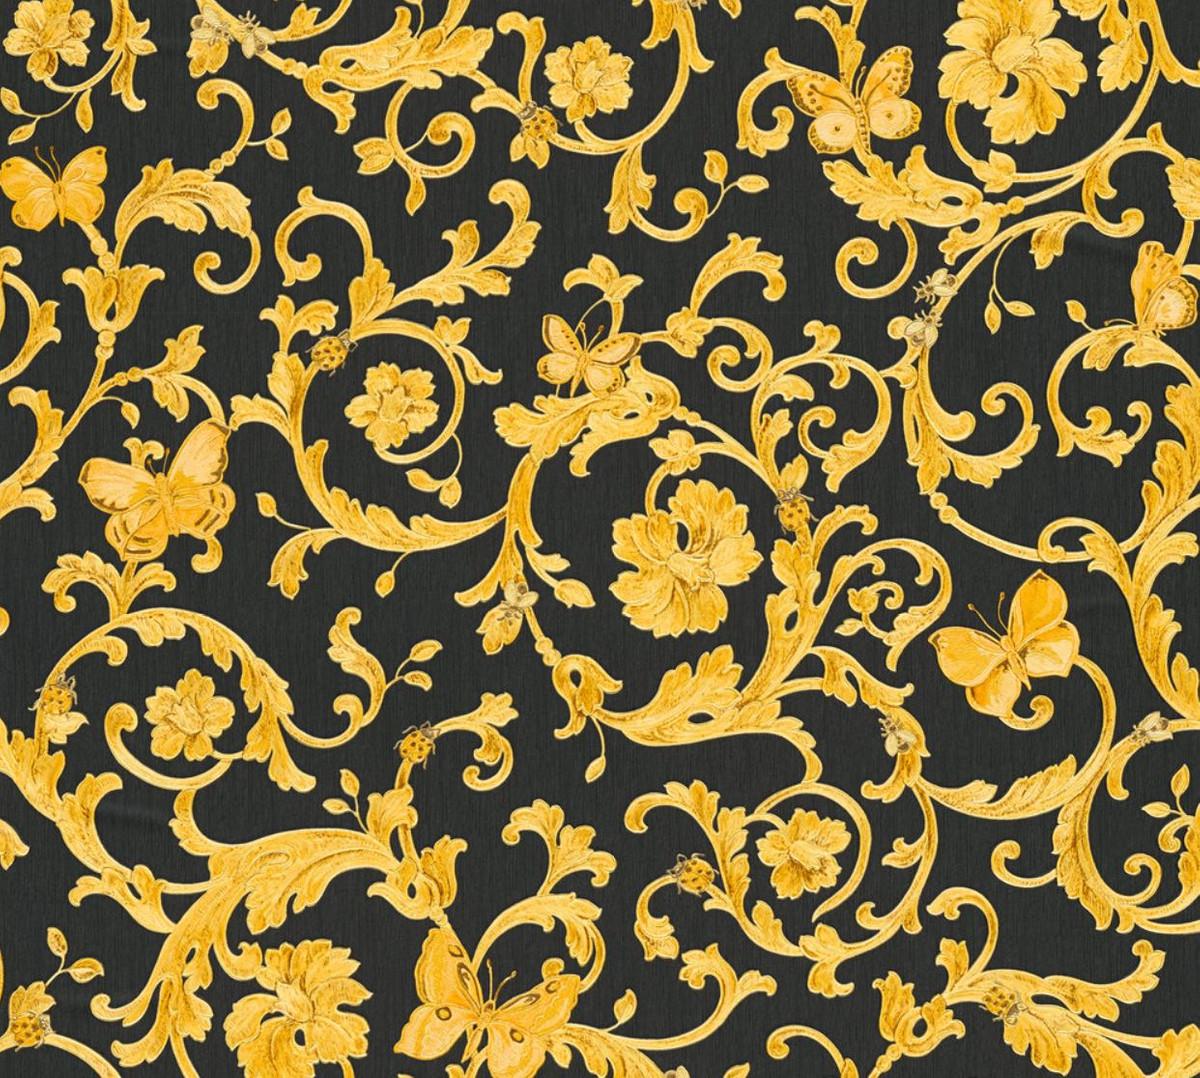 versace papier peint non tisses baroque designer butterfly barocco 343252 noir jaune or papier peint design qualite de luxe